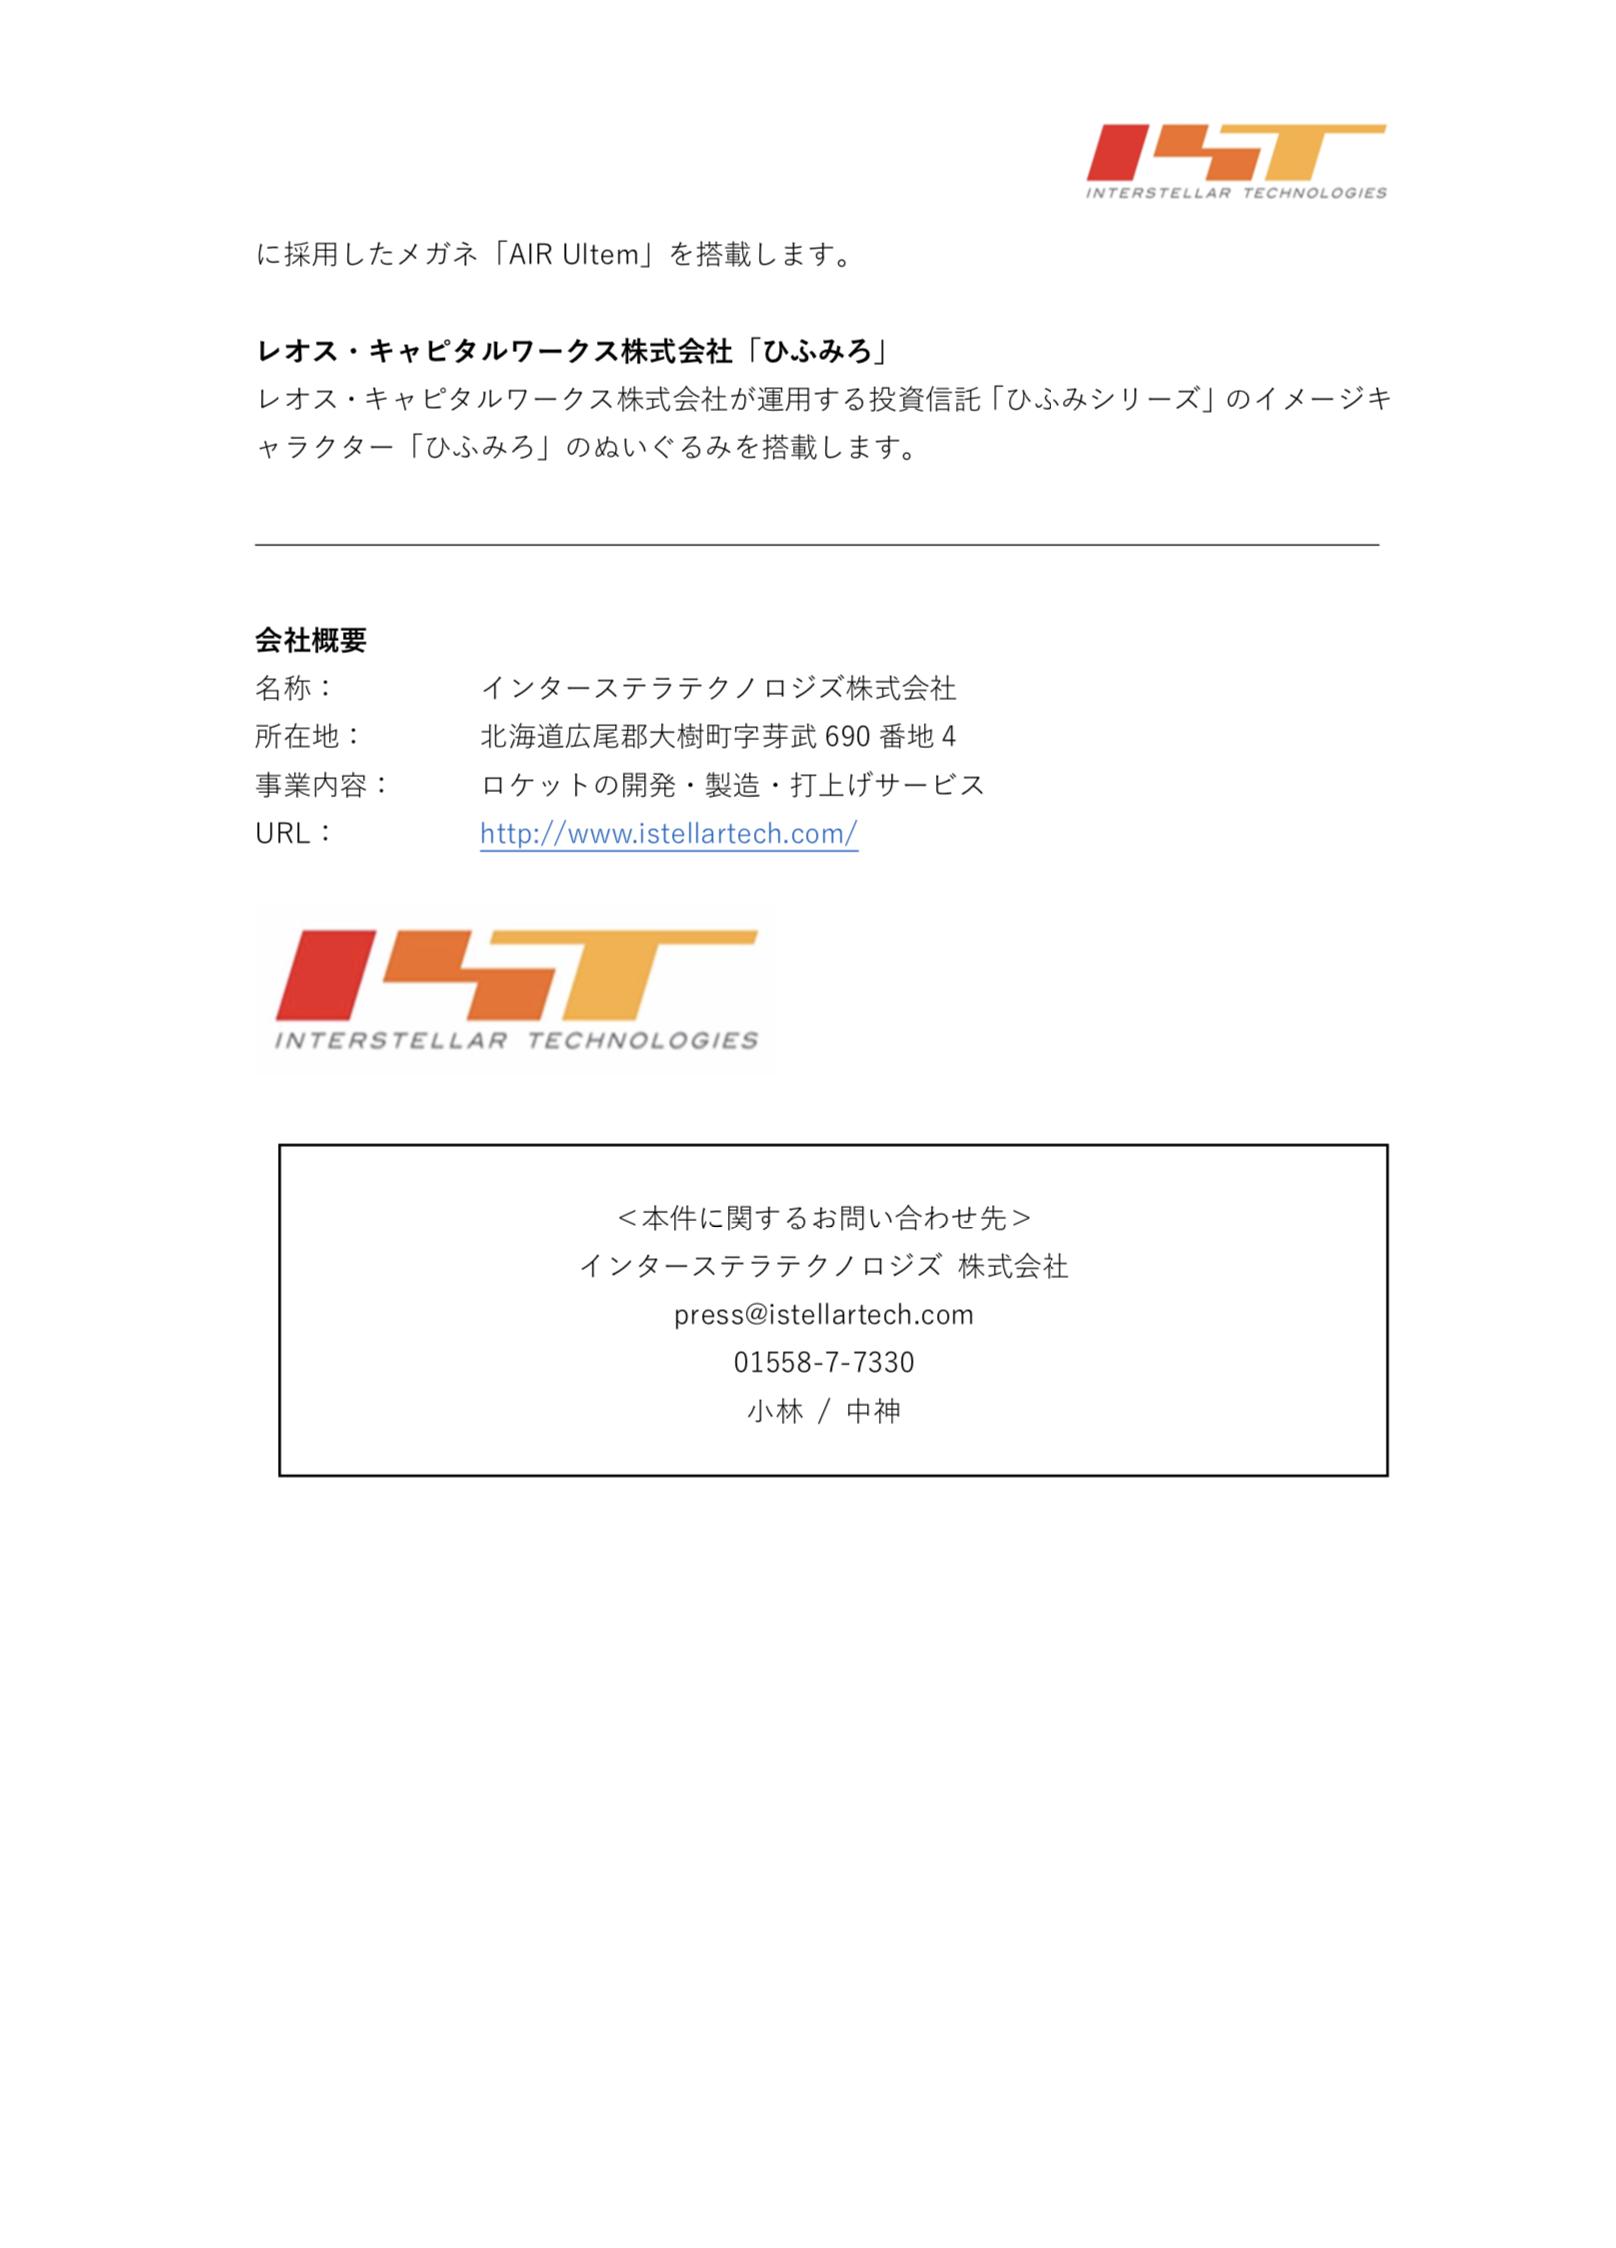 インターステラテクノロジズ スポンサー決定に関するプレスリリース 5/5